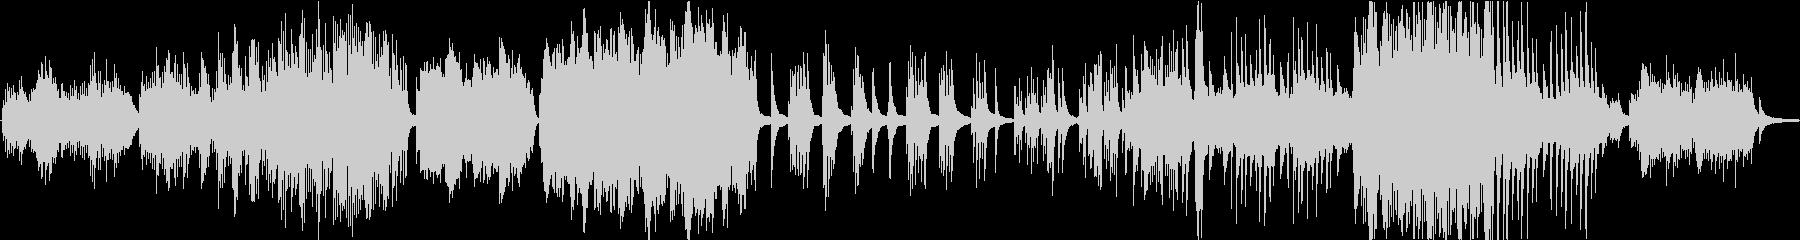 ピアノソロ。ピアノバー、キッチュな...の未再生の波形